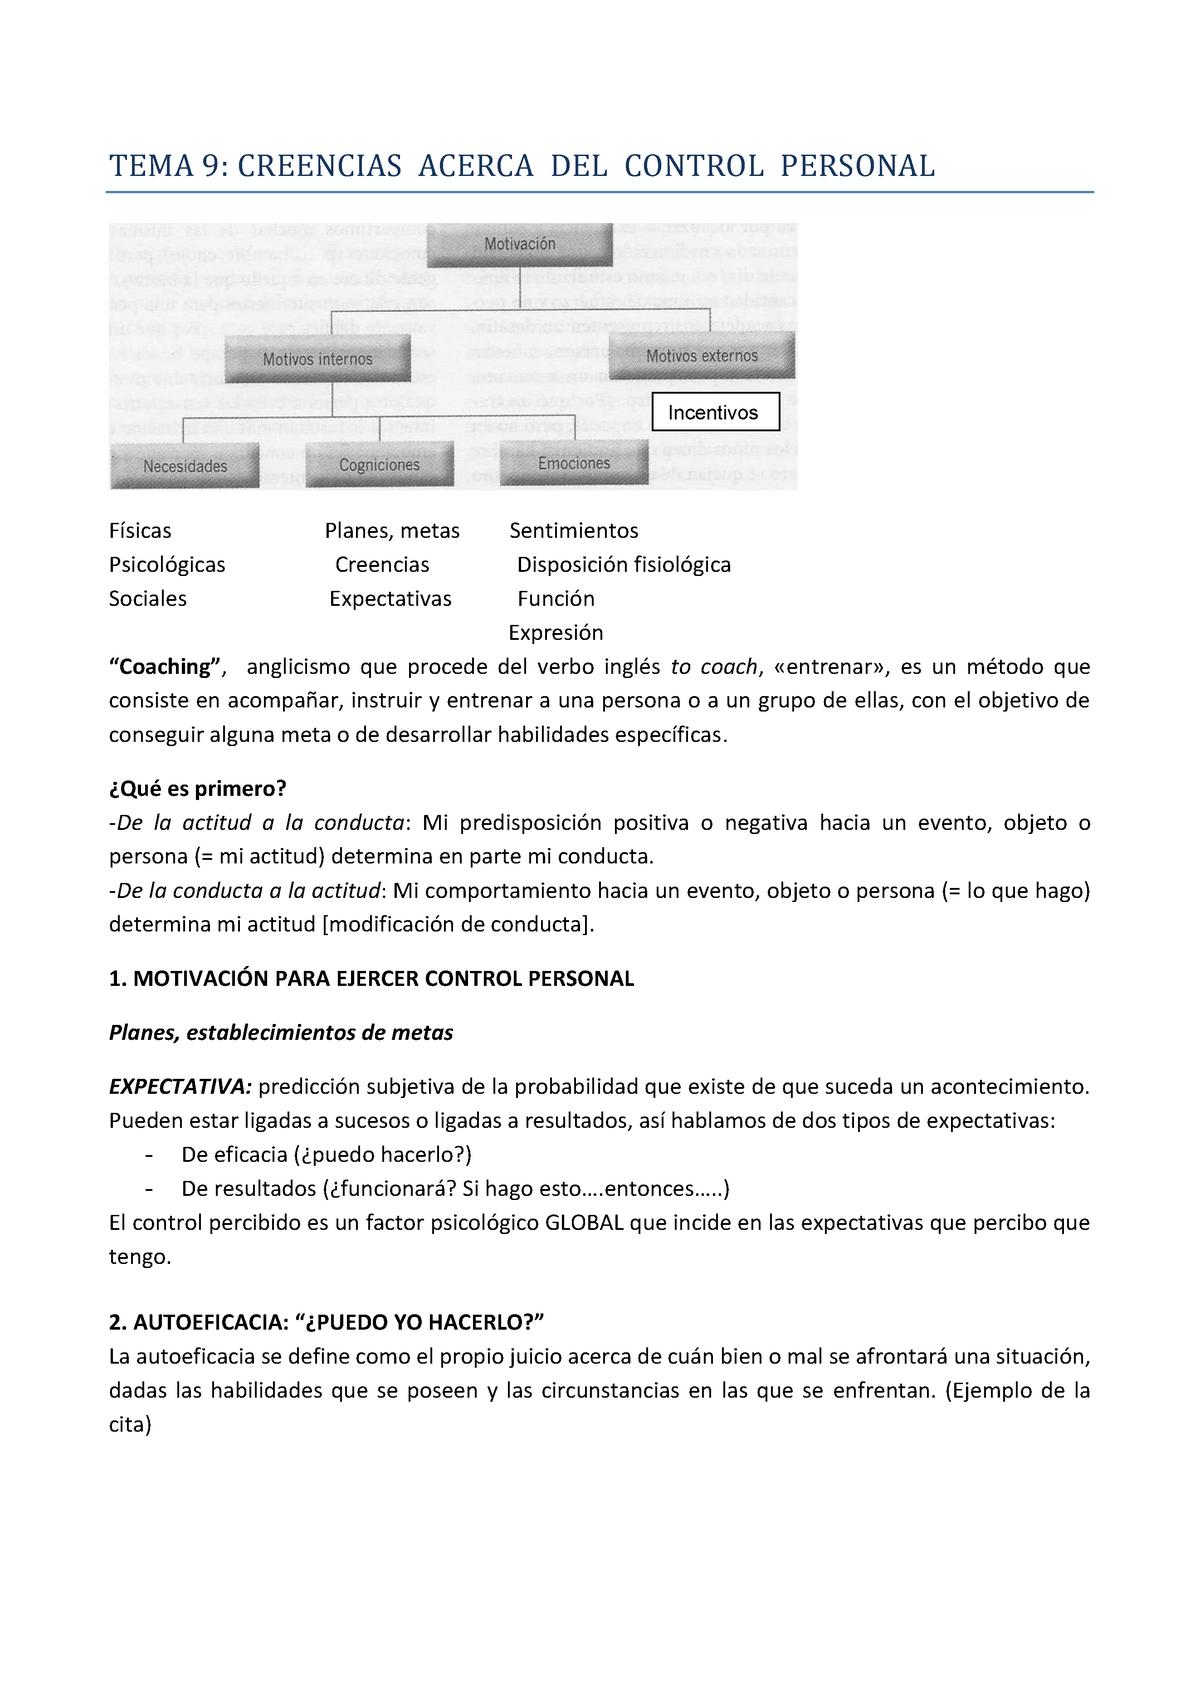 Tema 9 Creencias Acerca Del Control Personal 25903 Studocu